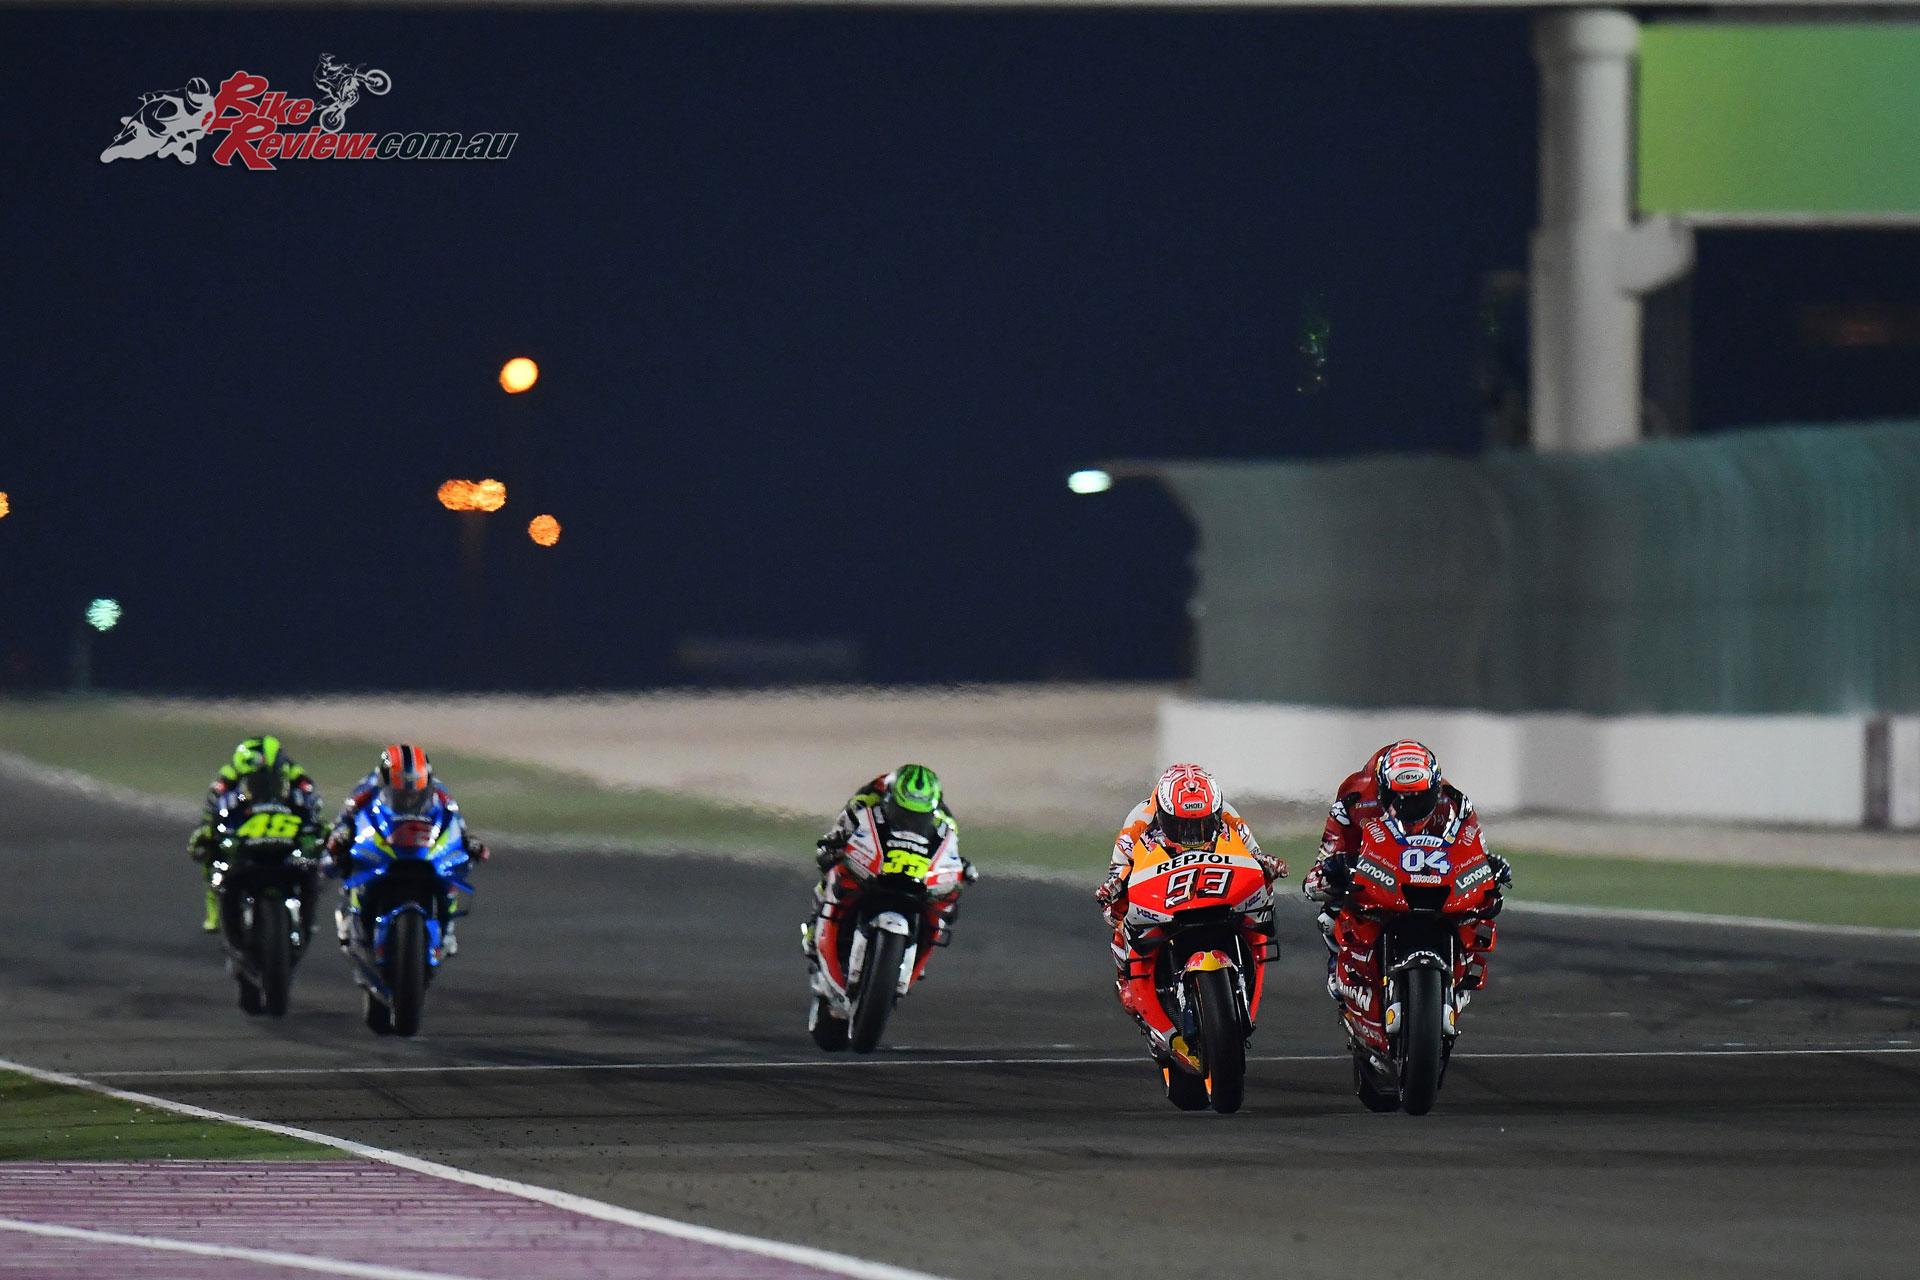 Qatar MotoGP - Round 1, 2019